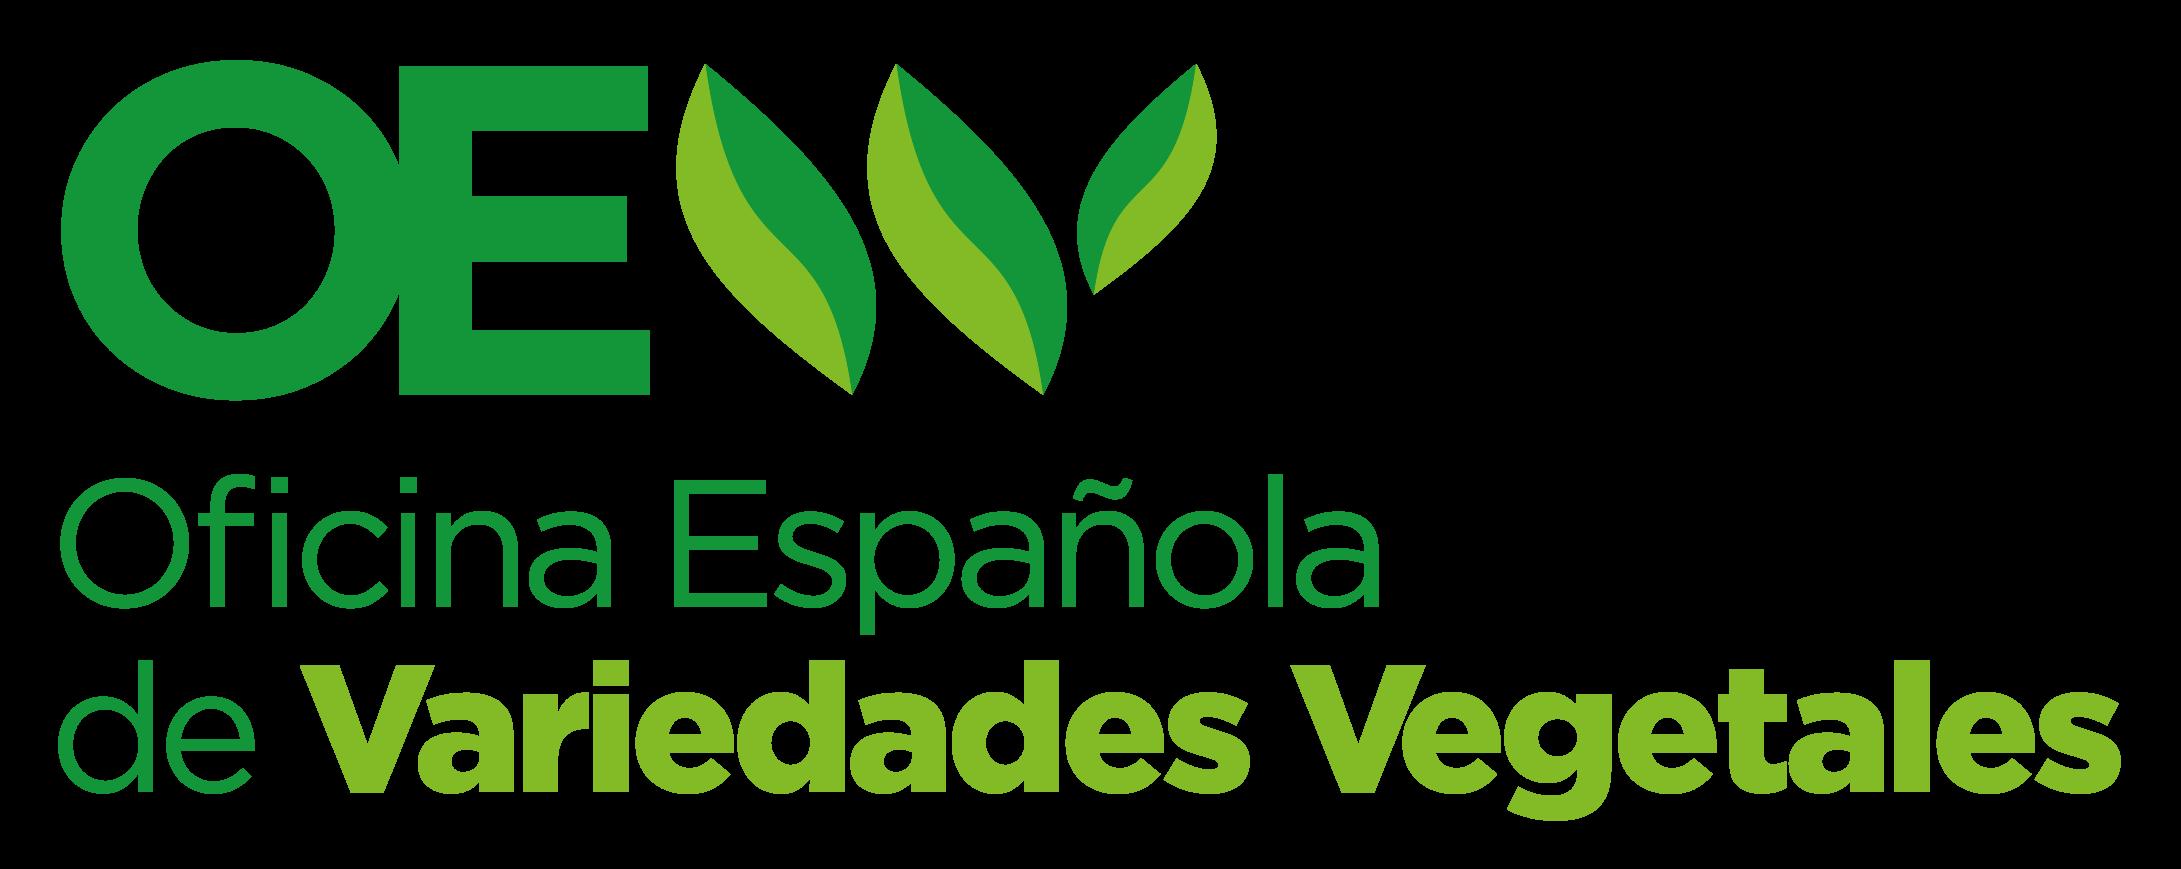 Oficina Española de Variedades Vegetales (OEVV) - Ministerio de Agricultura, Pesca y Alimentación